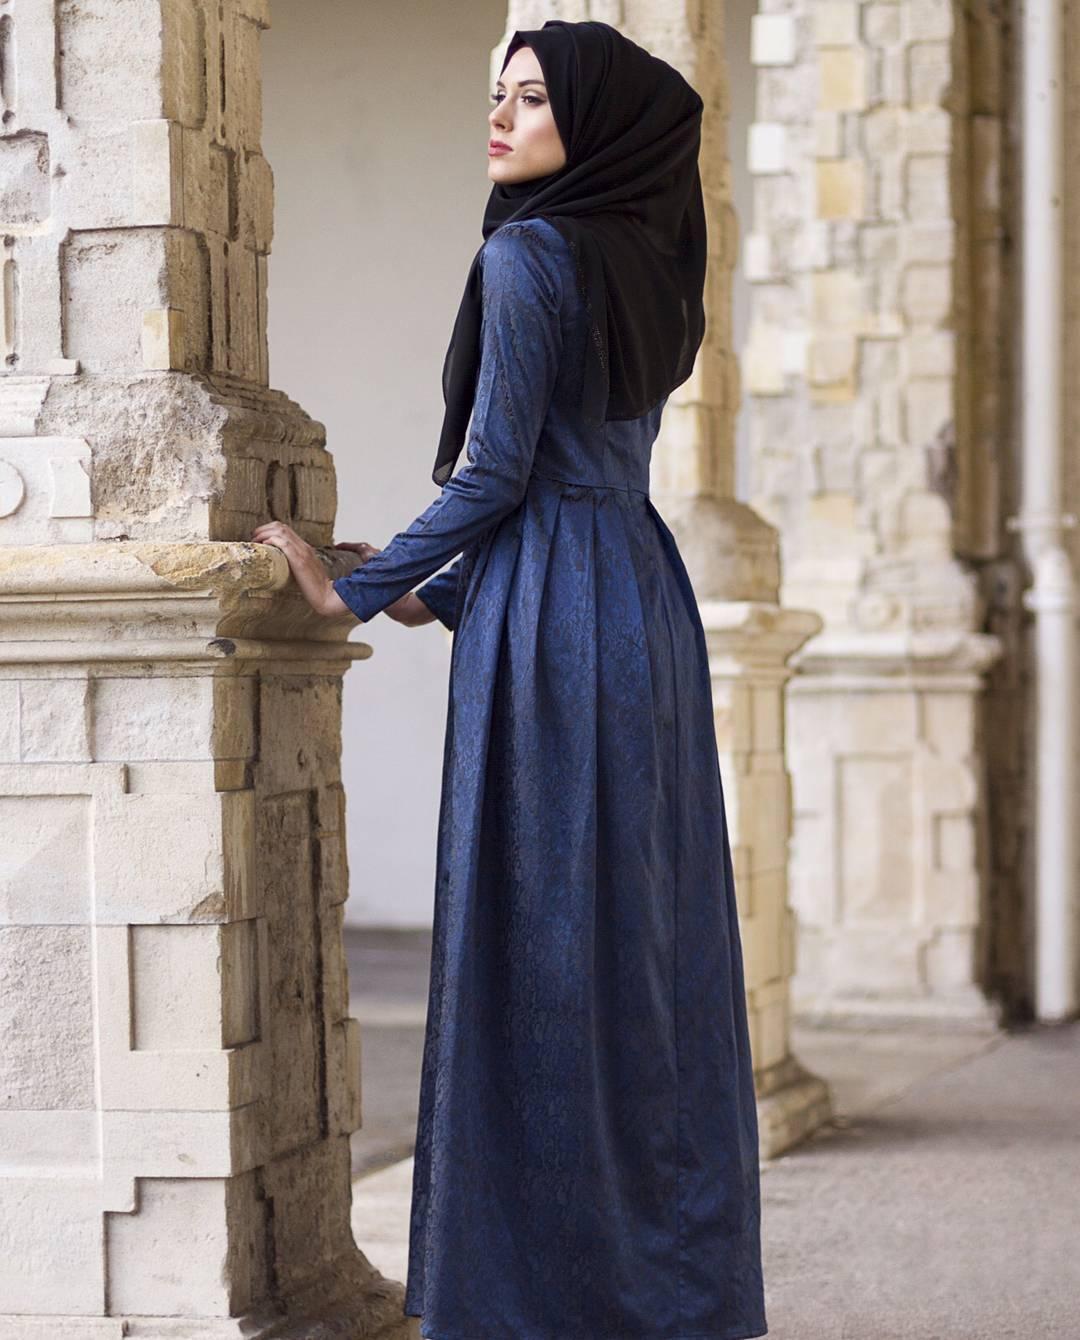 Longue16 Robe Longue17